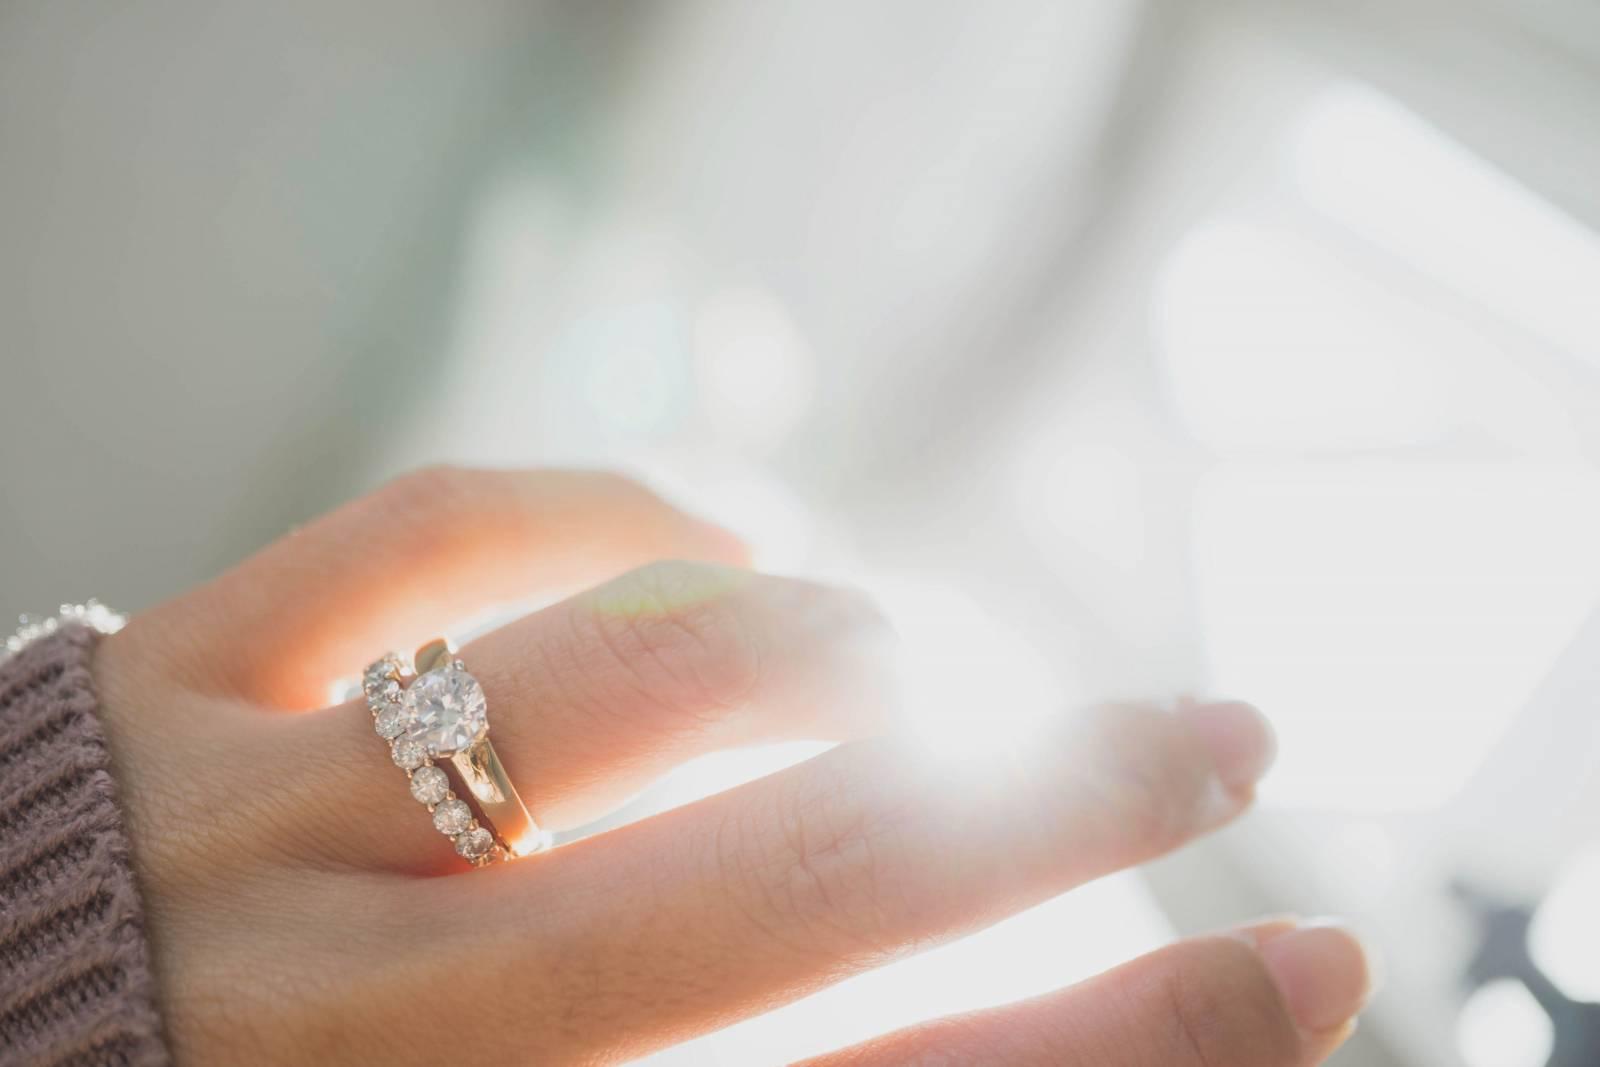 Jewels by Christiaan Van Bignoot - House of Weddings - 24